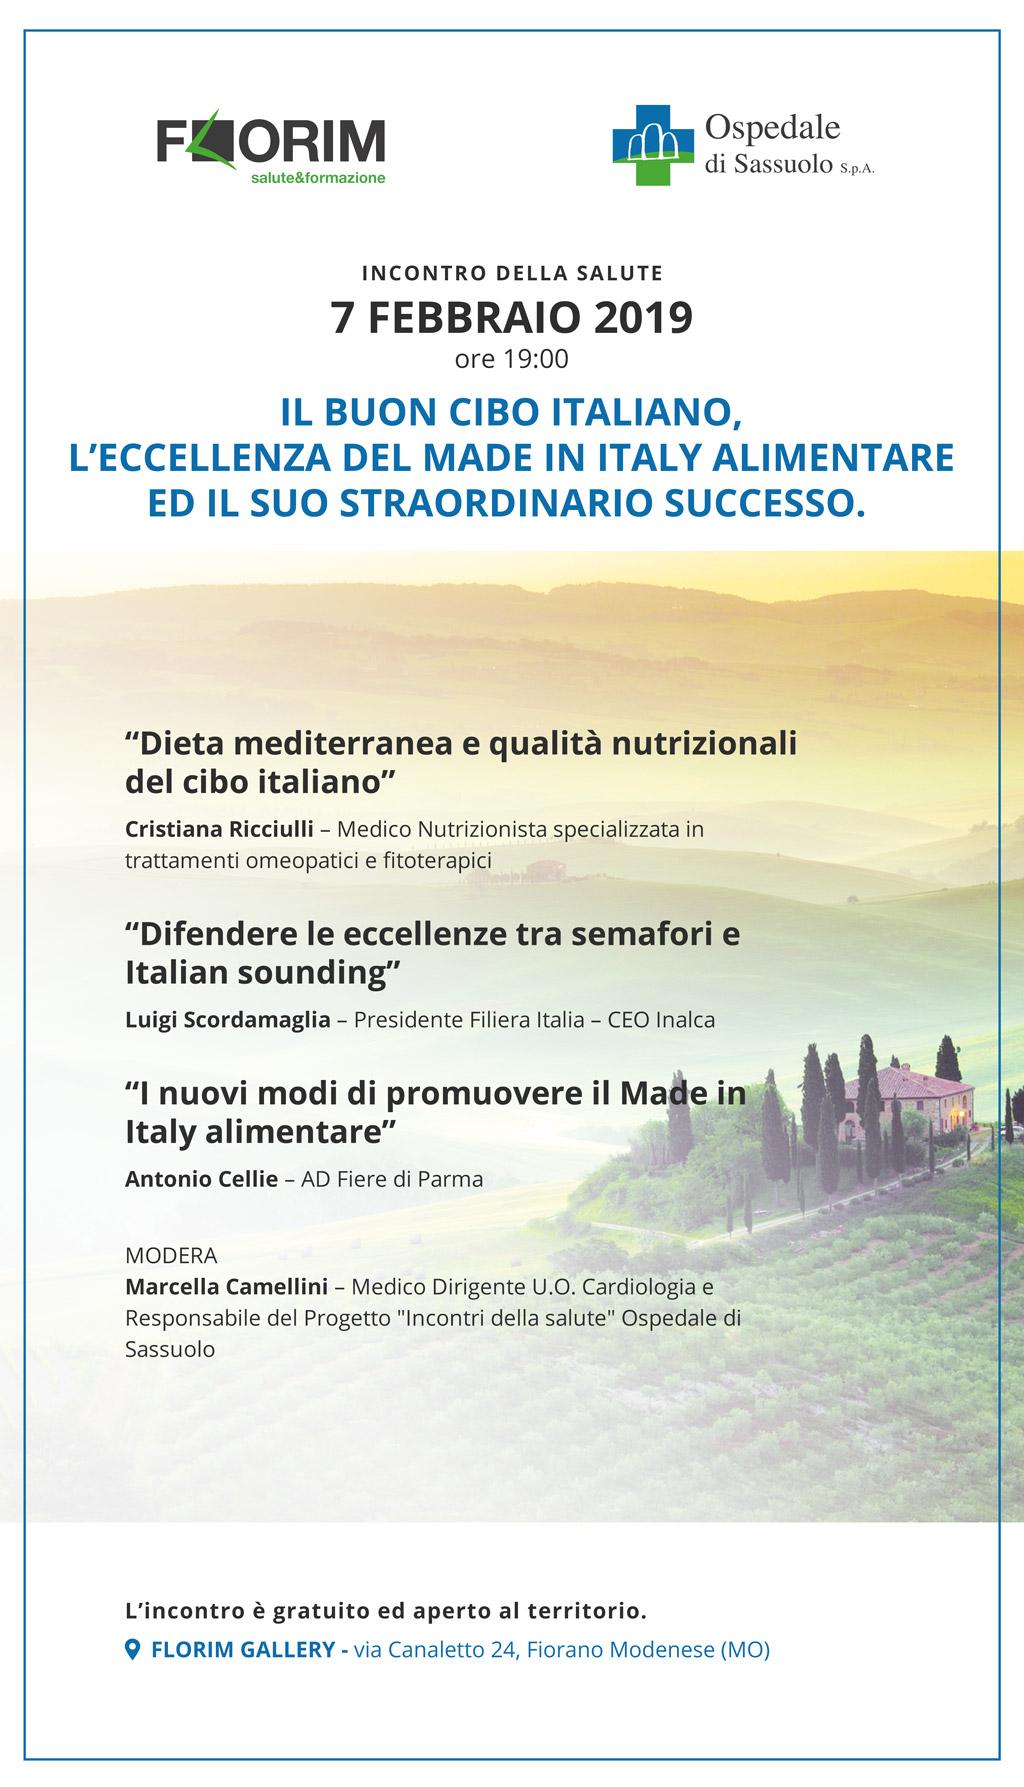 """FLORIM OSPITA L'INCONTRO  """"IL BUON CIBO ITALIANO, L'ECCELLENZA DEL MADE IN ITALY ALIMENTARE ED IL SUO STRAORDINARIO SUCCESSO"""""""